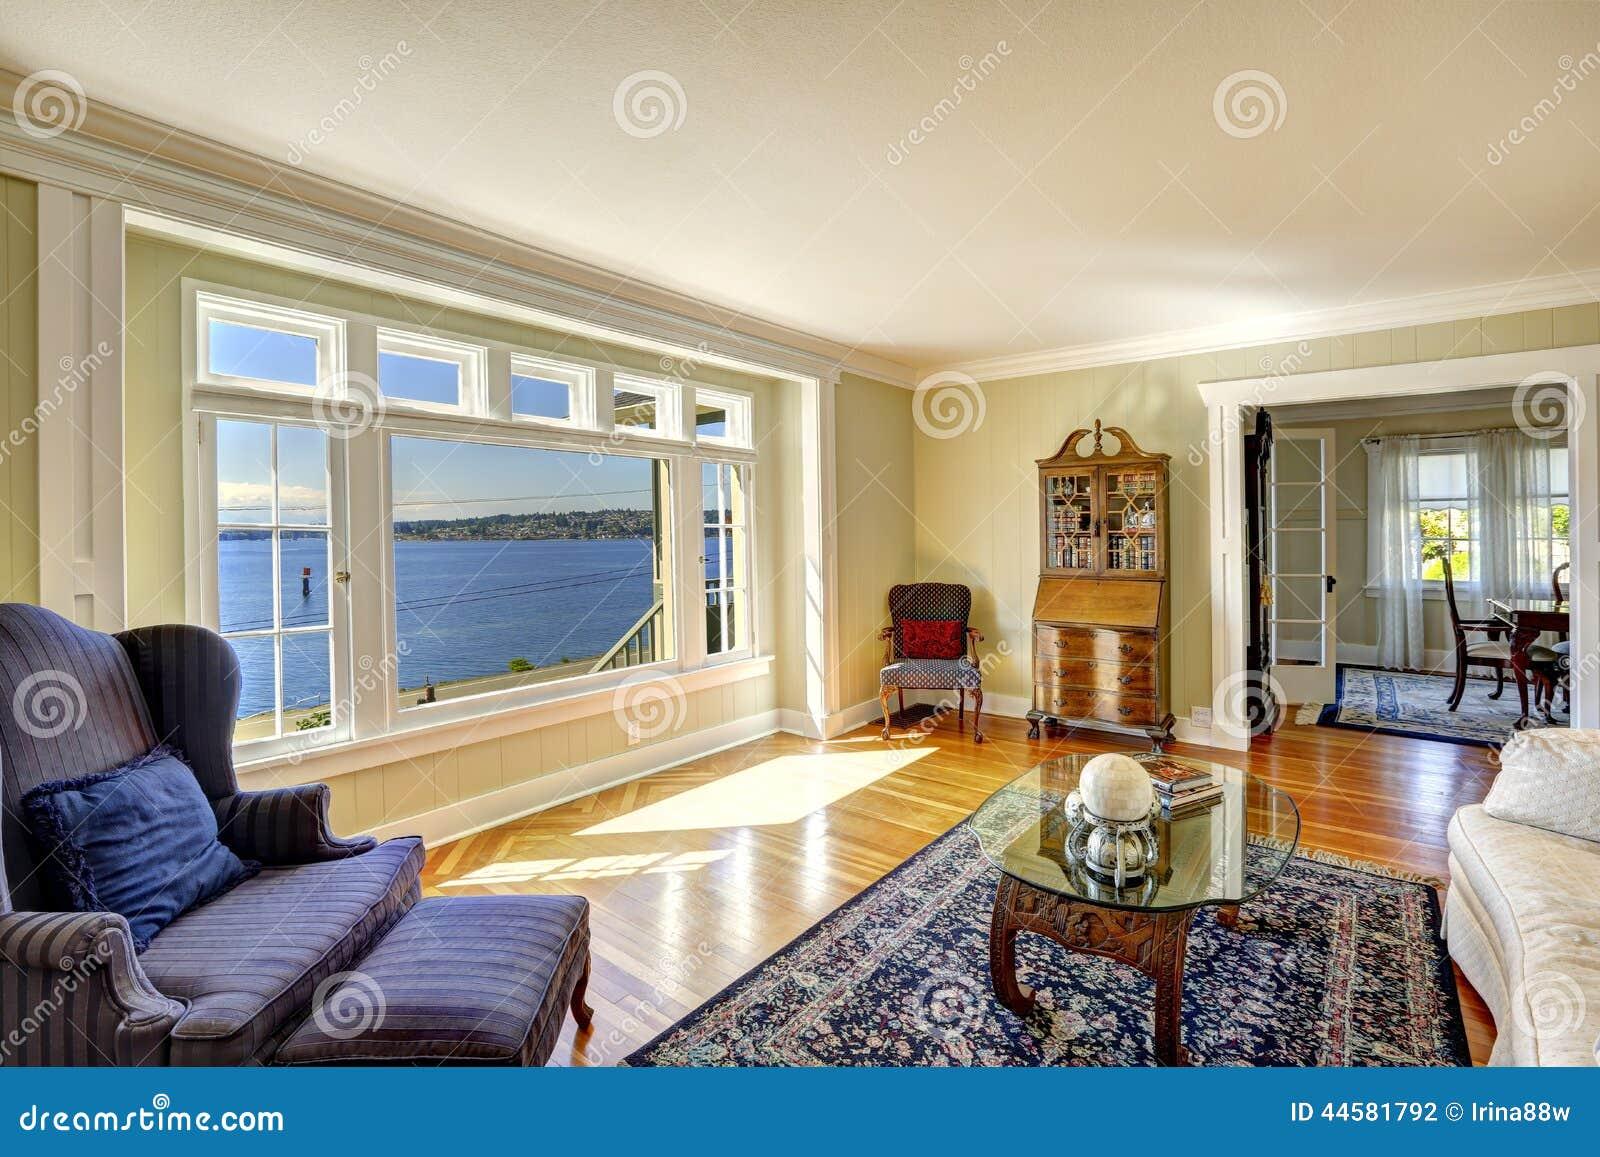 elegantes wohnzimmer mit ansicht der antiken m bel und des. Black Bedroom Furniture Sets. Home Design Ideas